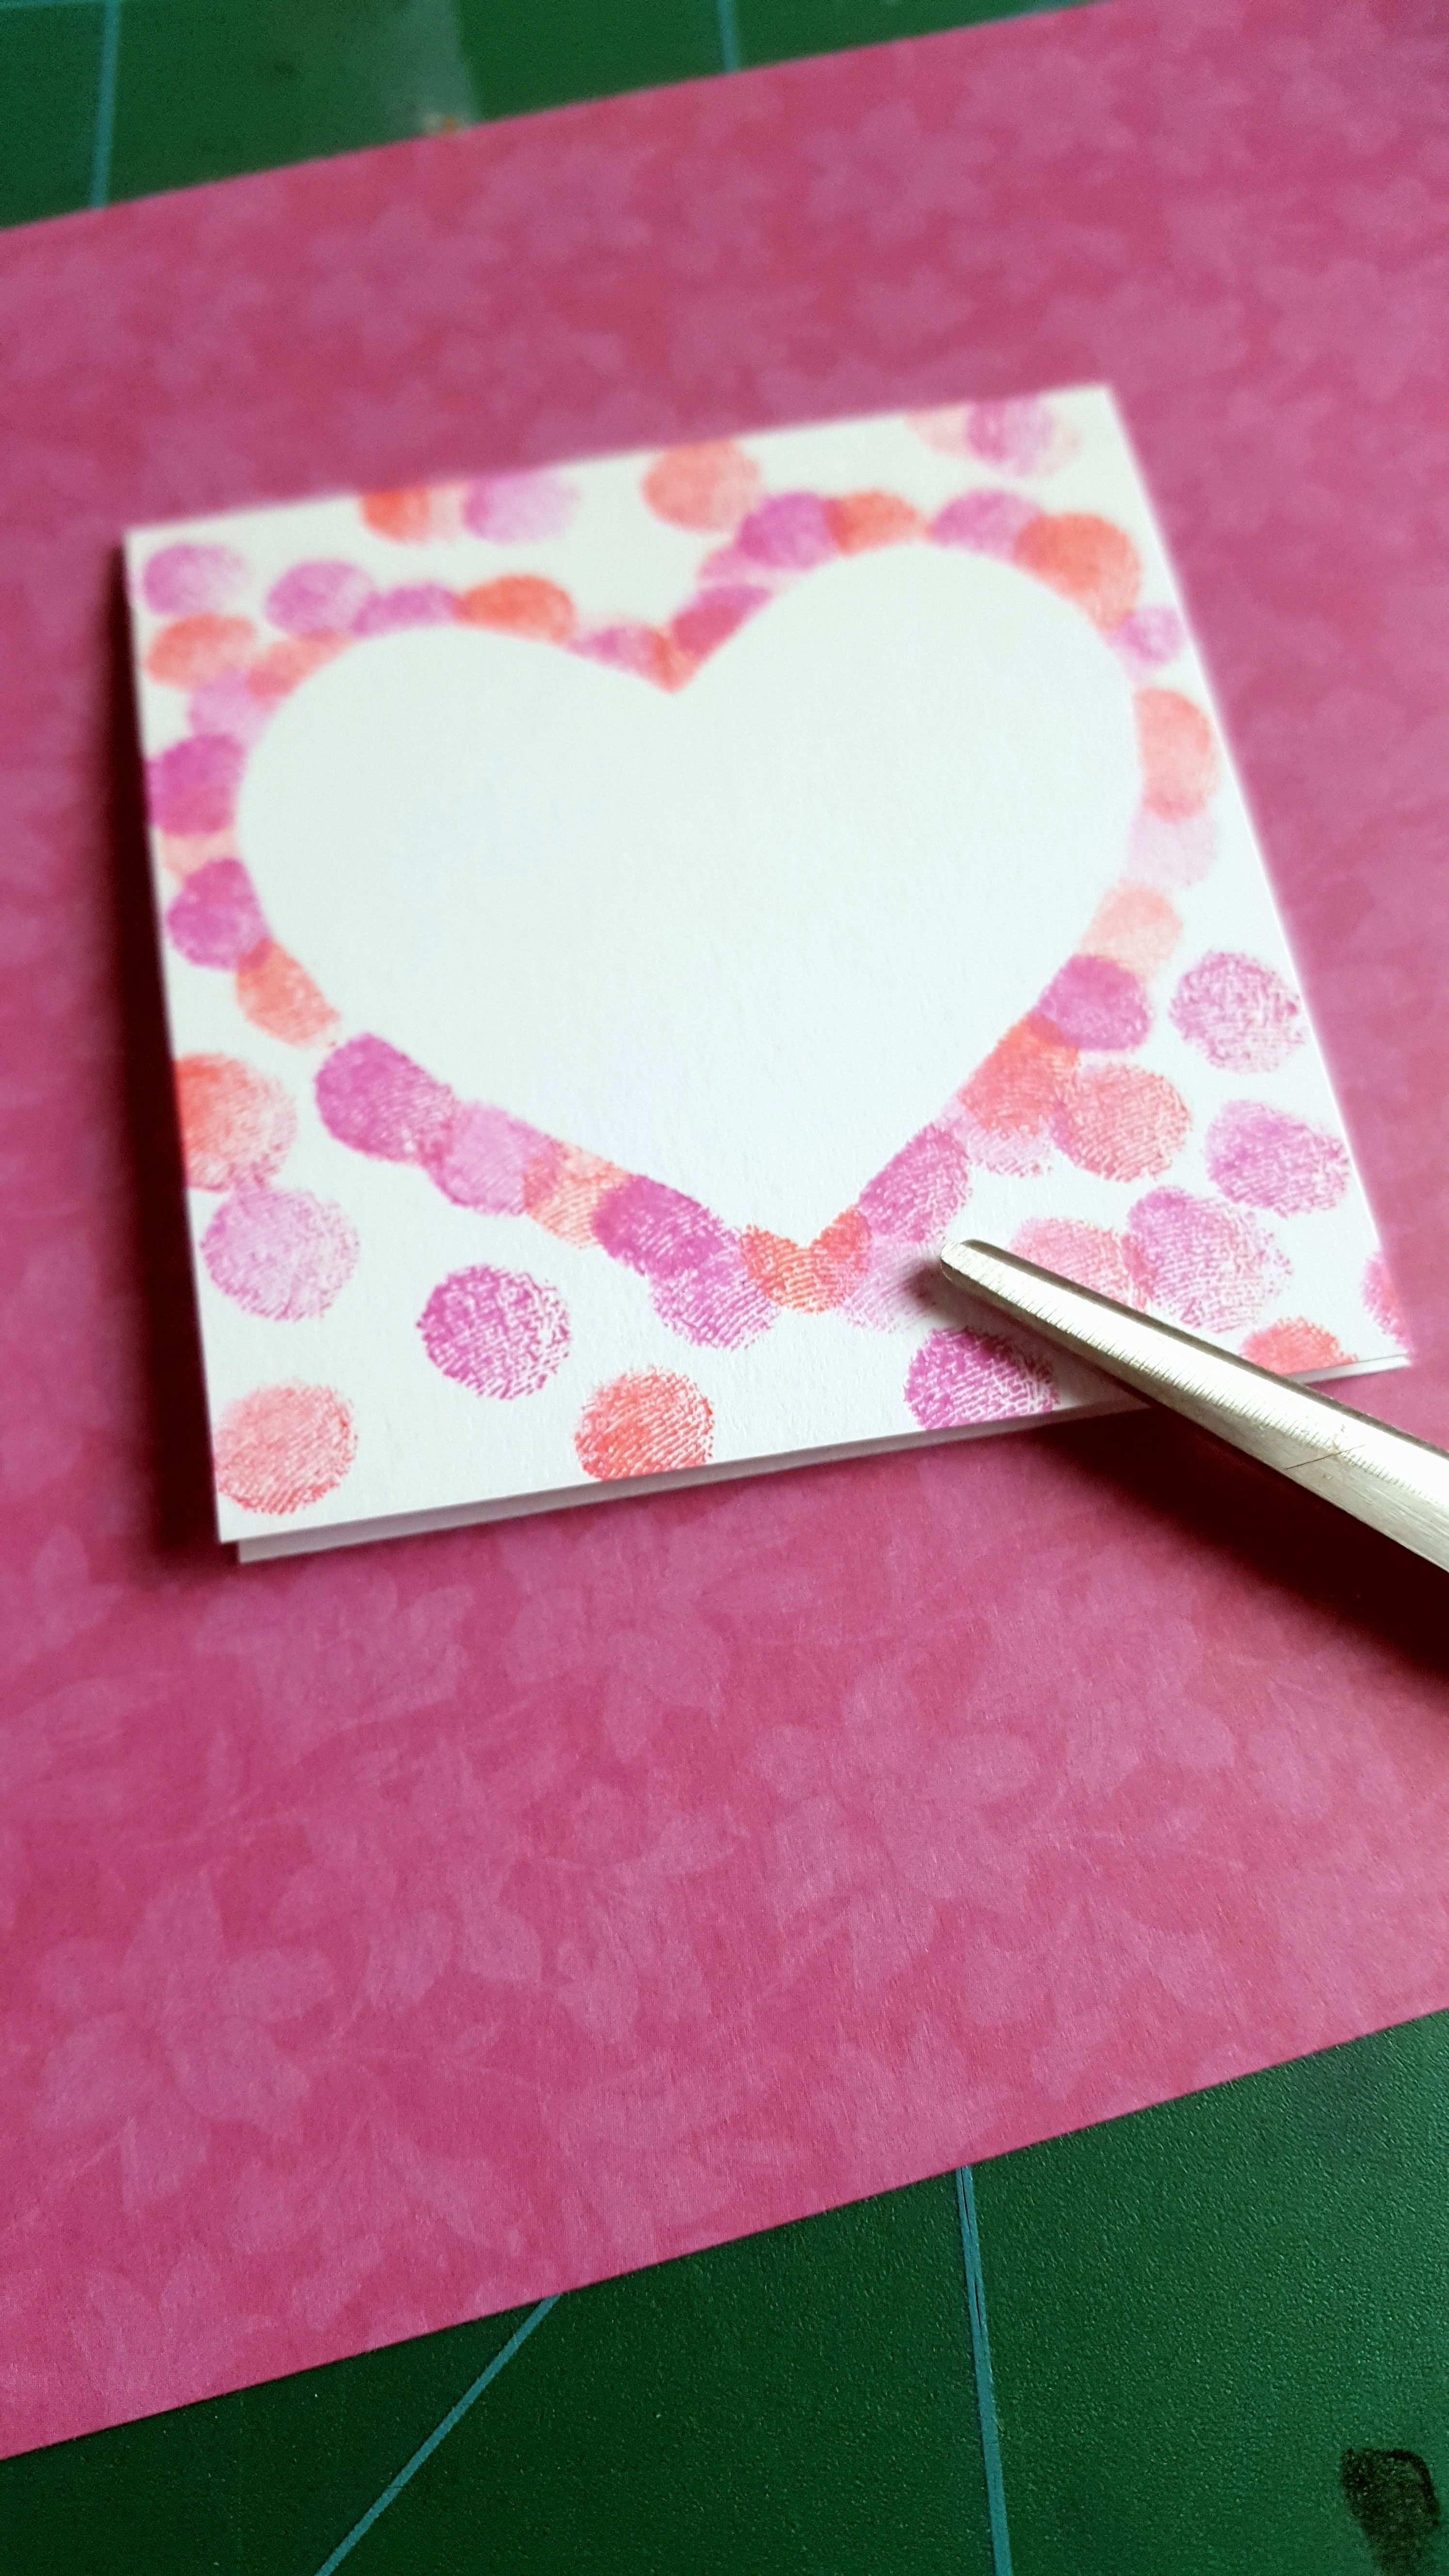 Einfache Karten Mit Gestempeltem Herz Aus Fingerfarben Ganz Leicht Mit Kindern Zu Basteln Basteln Einfache Fing In 2020 Simple Cards Diy Anniversary Diy Painting